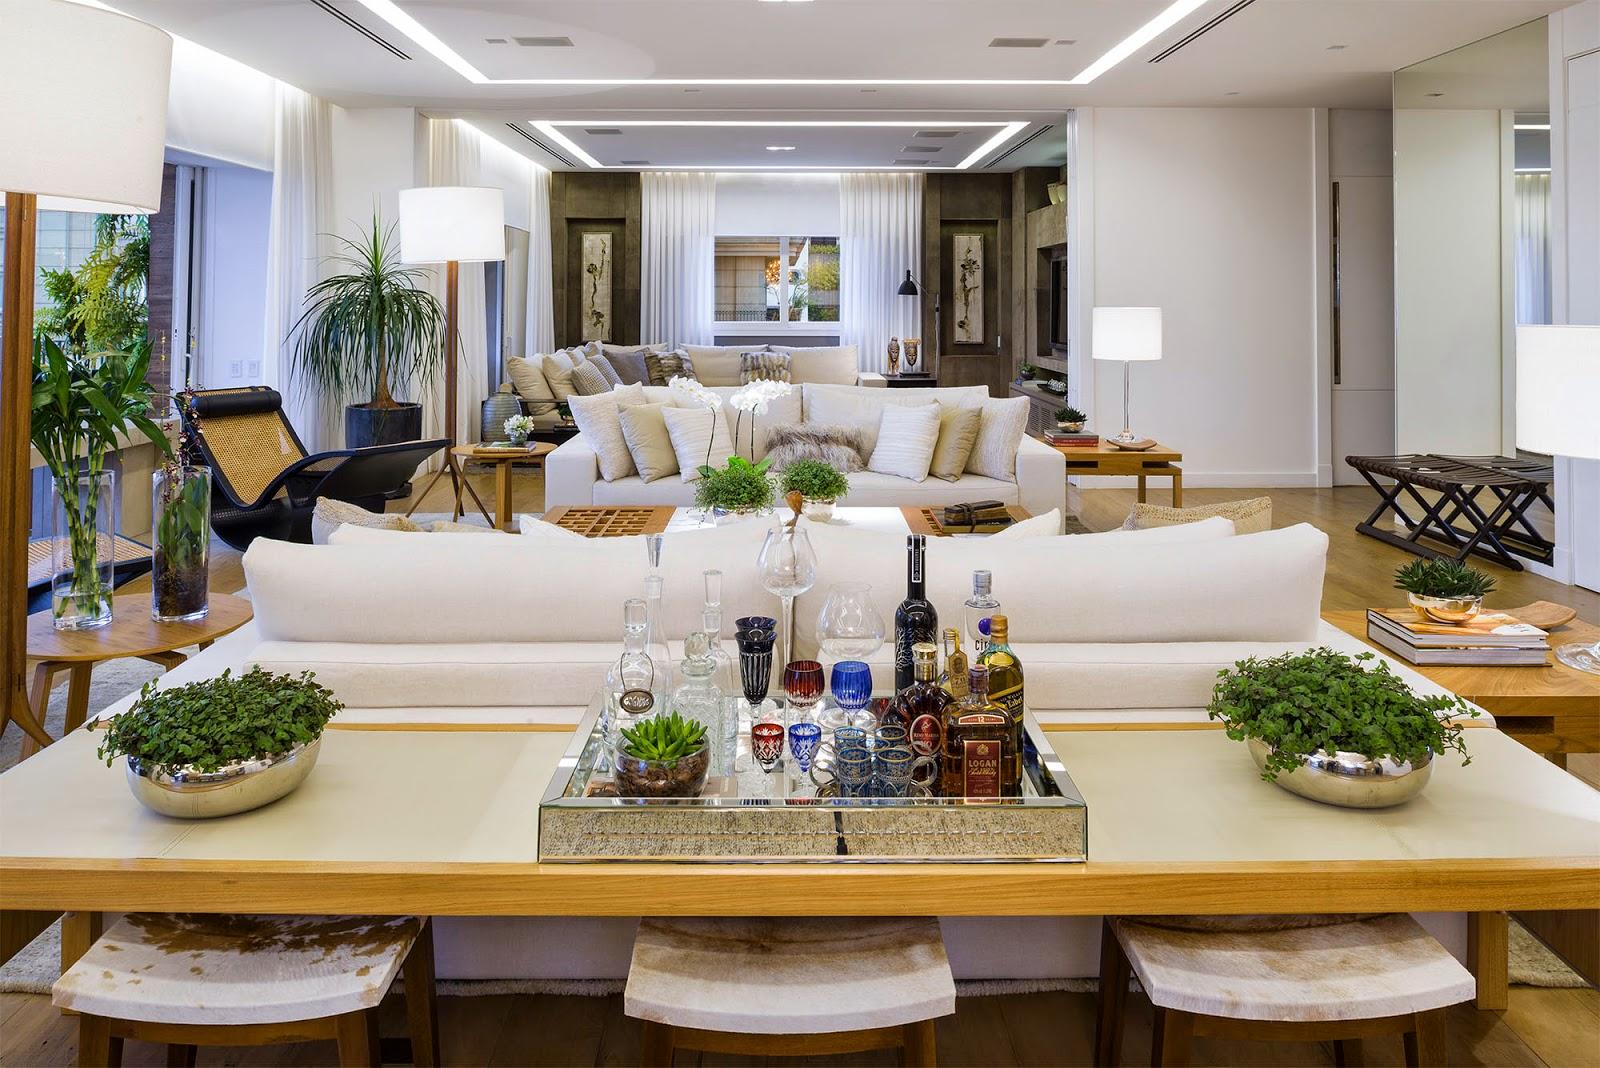 Ideias&soluções para as costas do sofá Ambientes de Charme #A37328 1600x1068